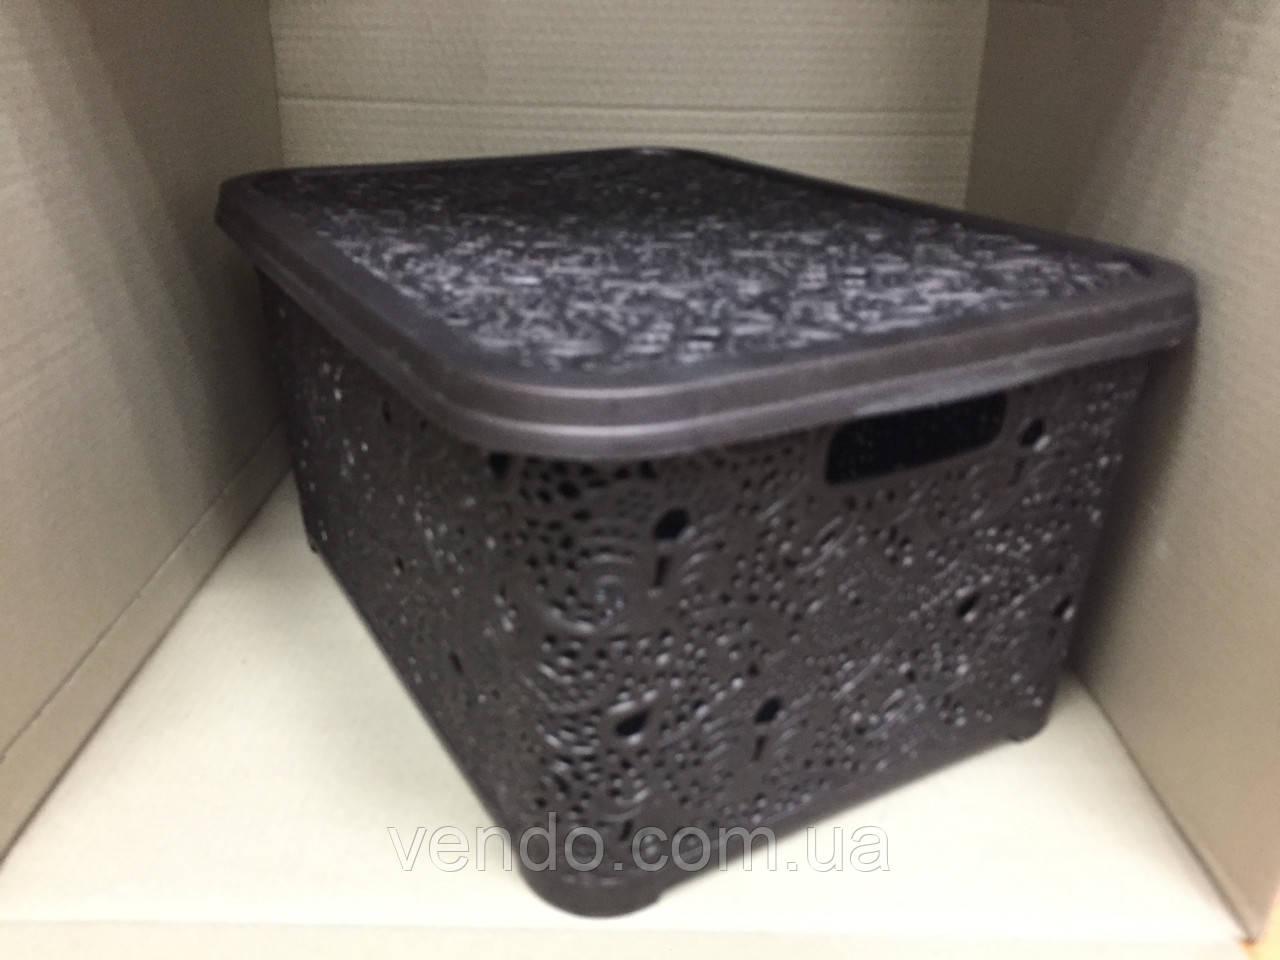 Контейнер с крышкой для хранения вещей АЖУР ELIF коричневый 30 л